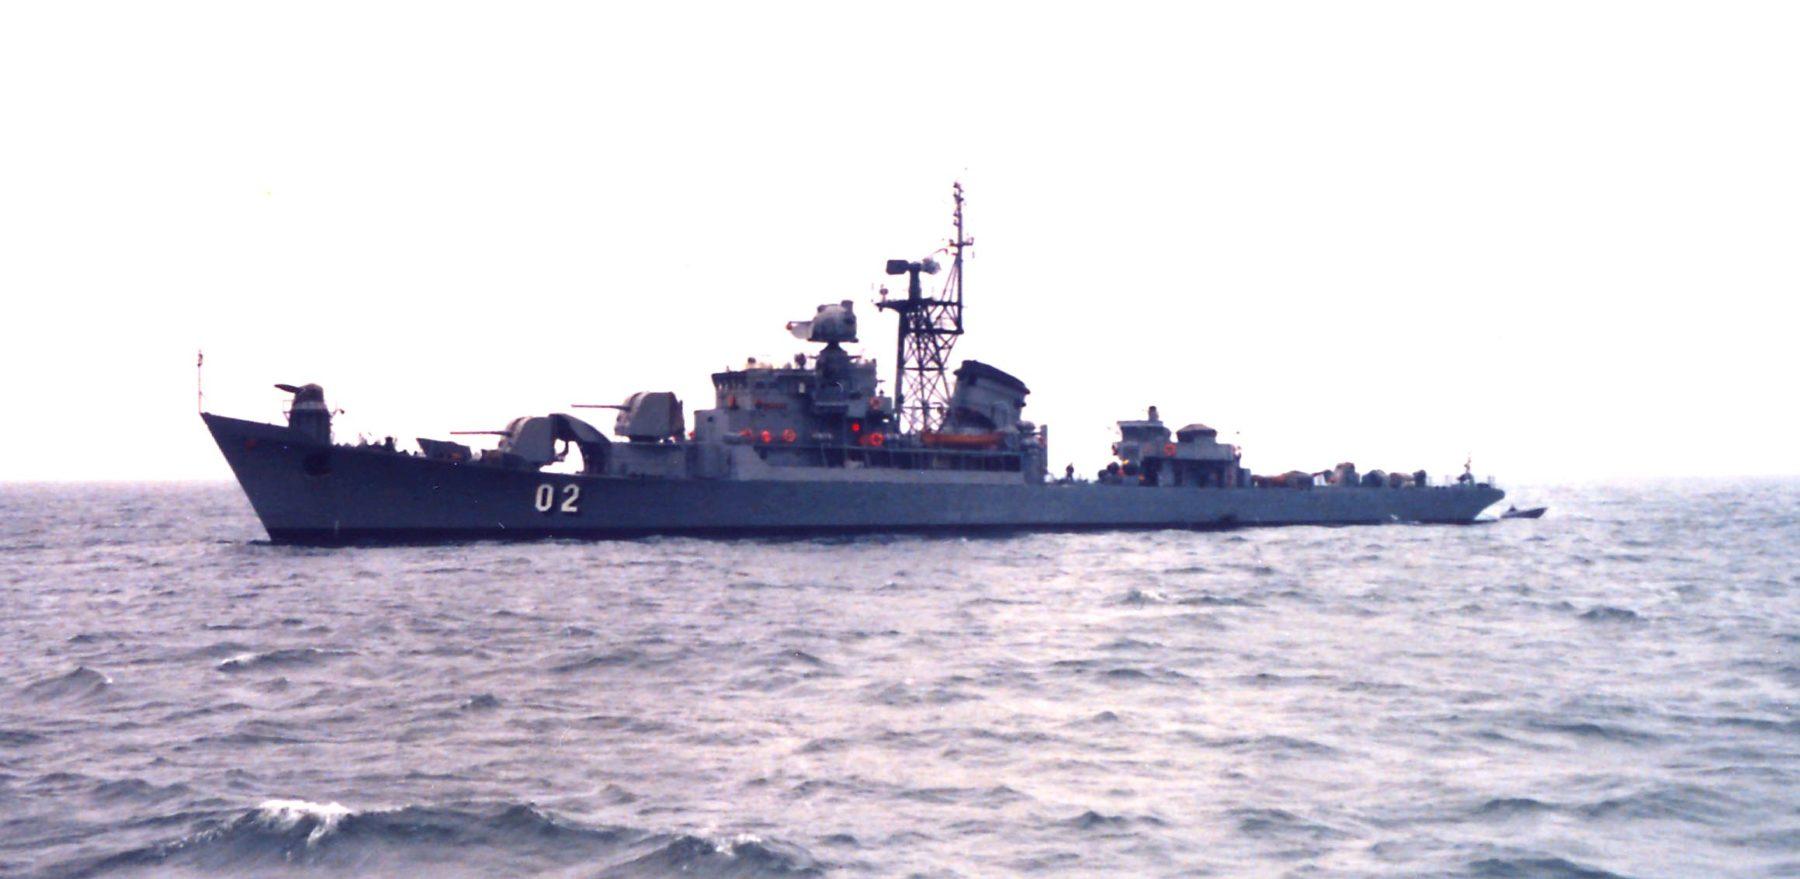 Riga class